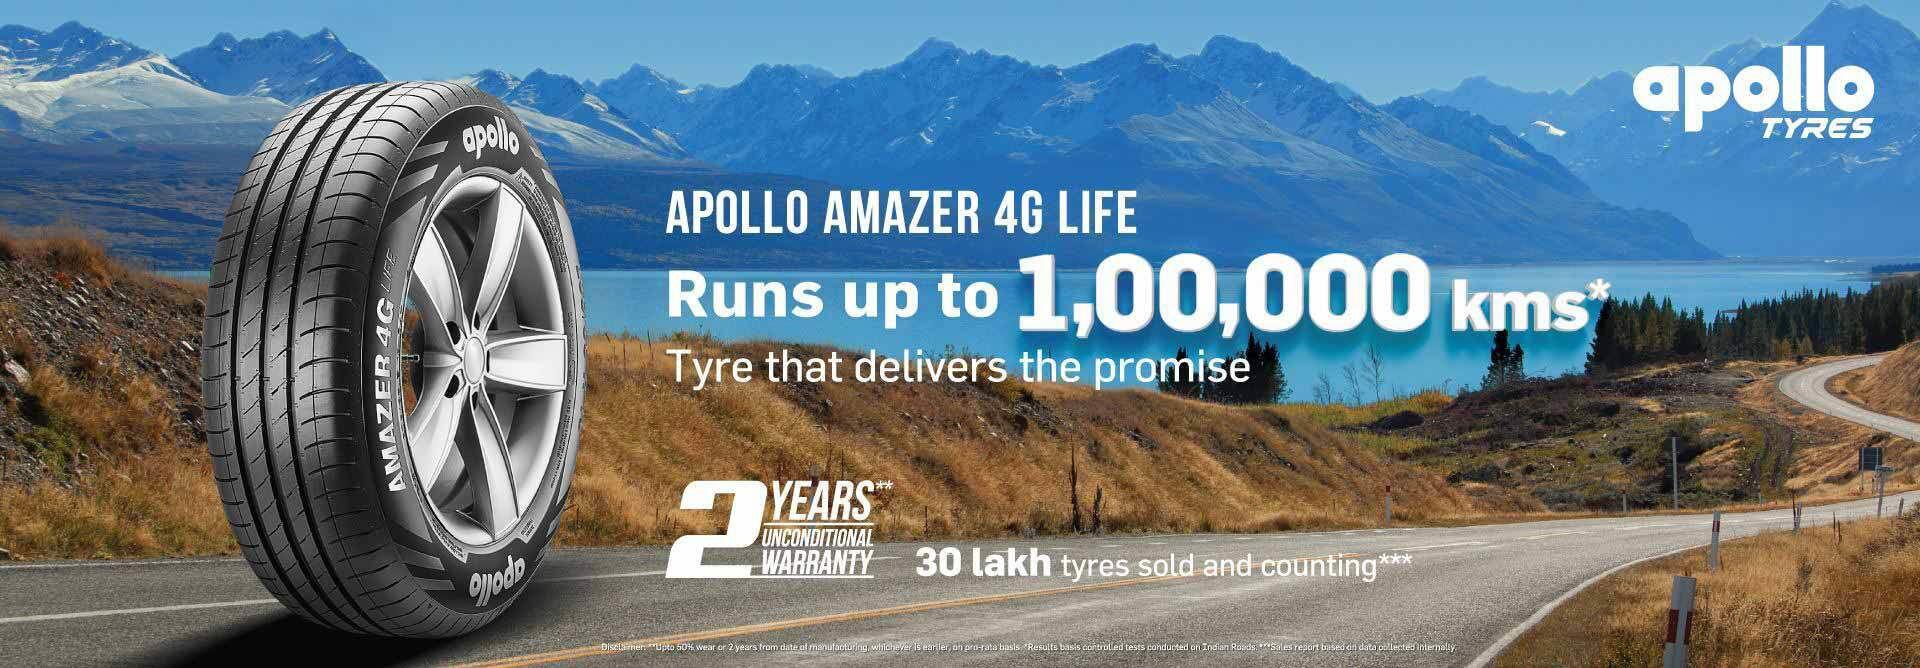 Apollo Amazaer 4g life